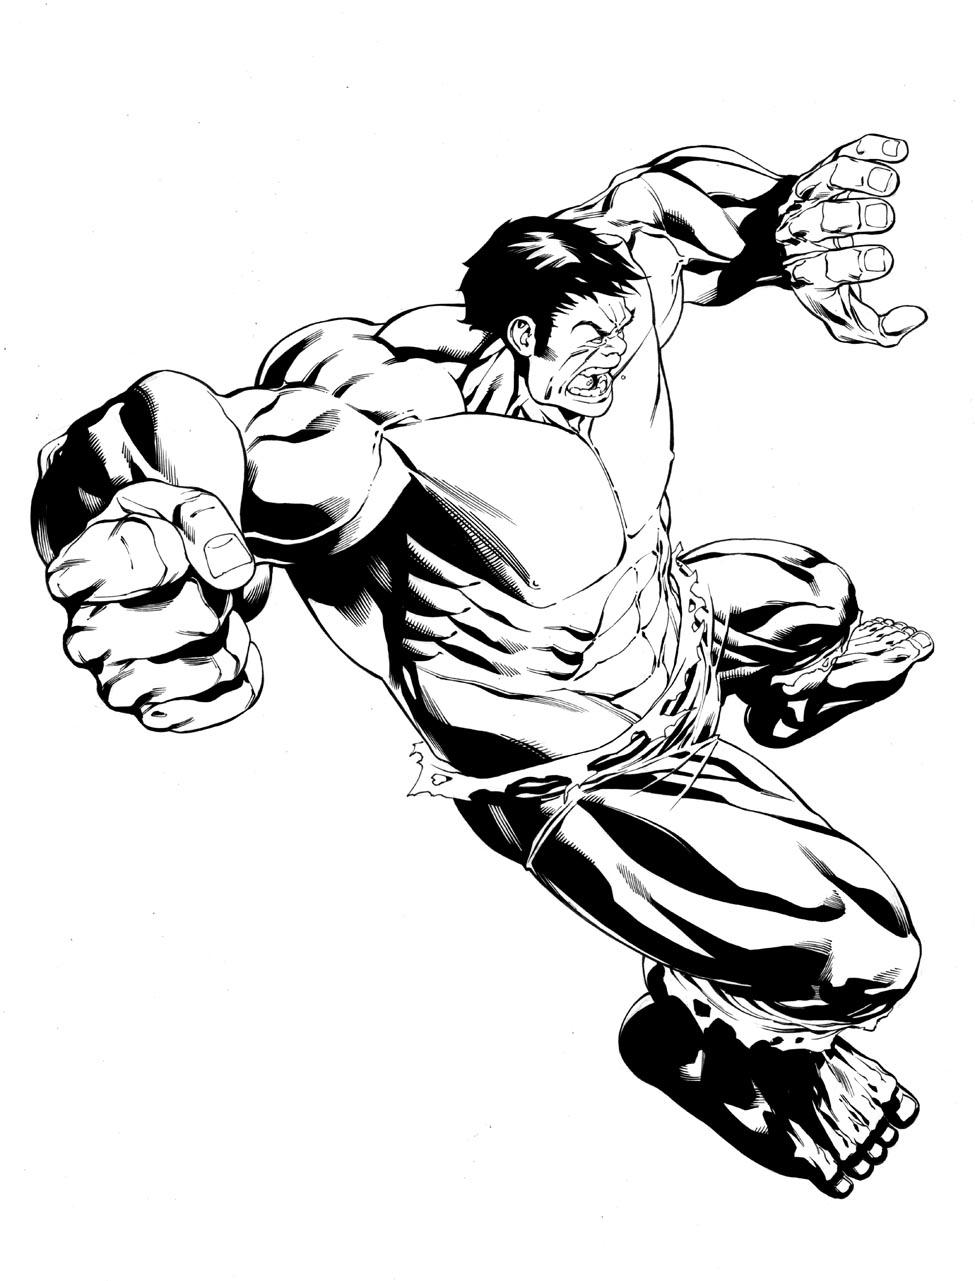 975x1281 Incredible Hulk Pencils And Inks Robert Atkins Art